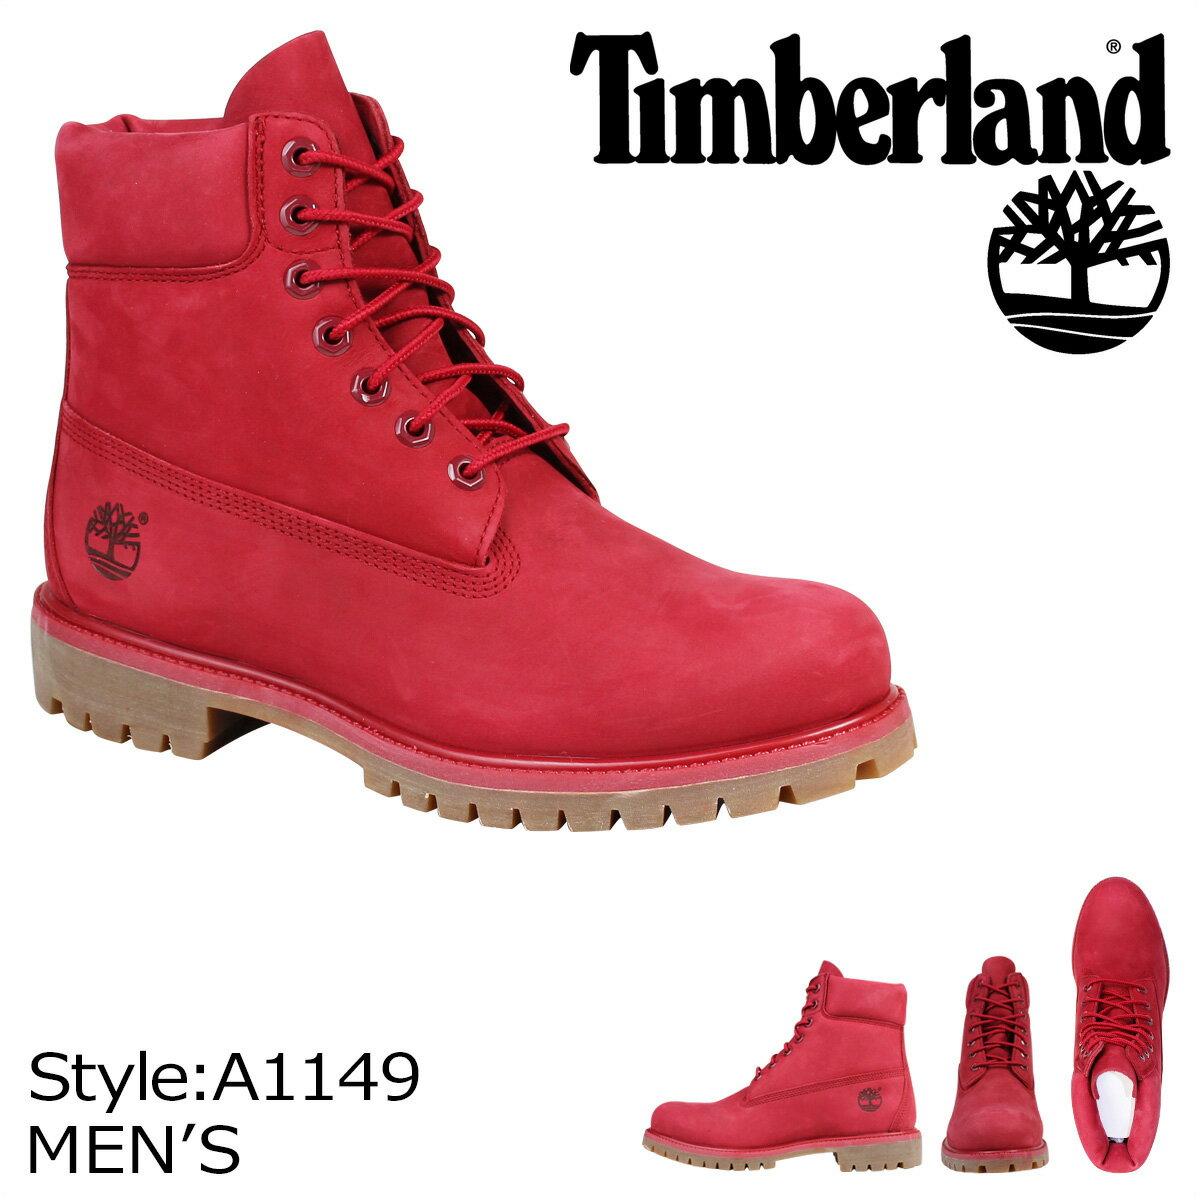 ティンバーランド ブーツ メンズ 6インチ Timberland 6INCH PREMIUM WATERPROOF BOOTS A1149 Wワイズ プレミアム 防水 レッド [3/14 追加入荷]